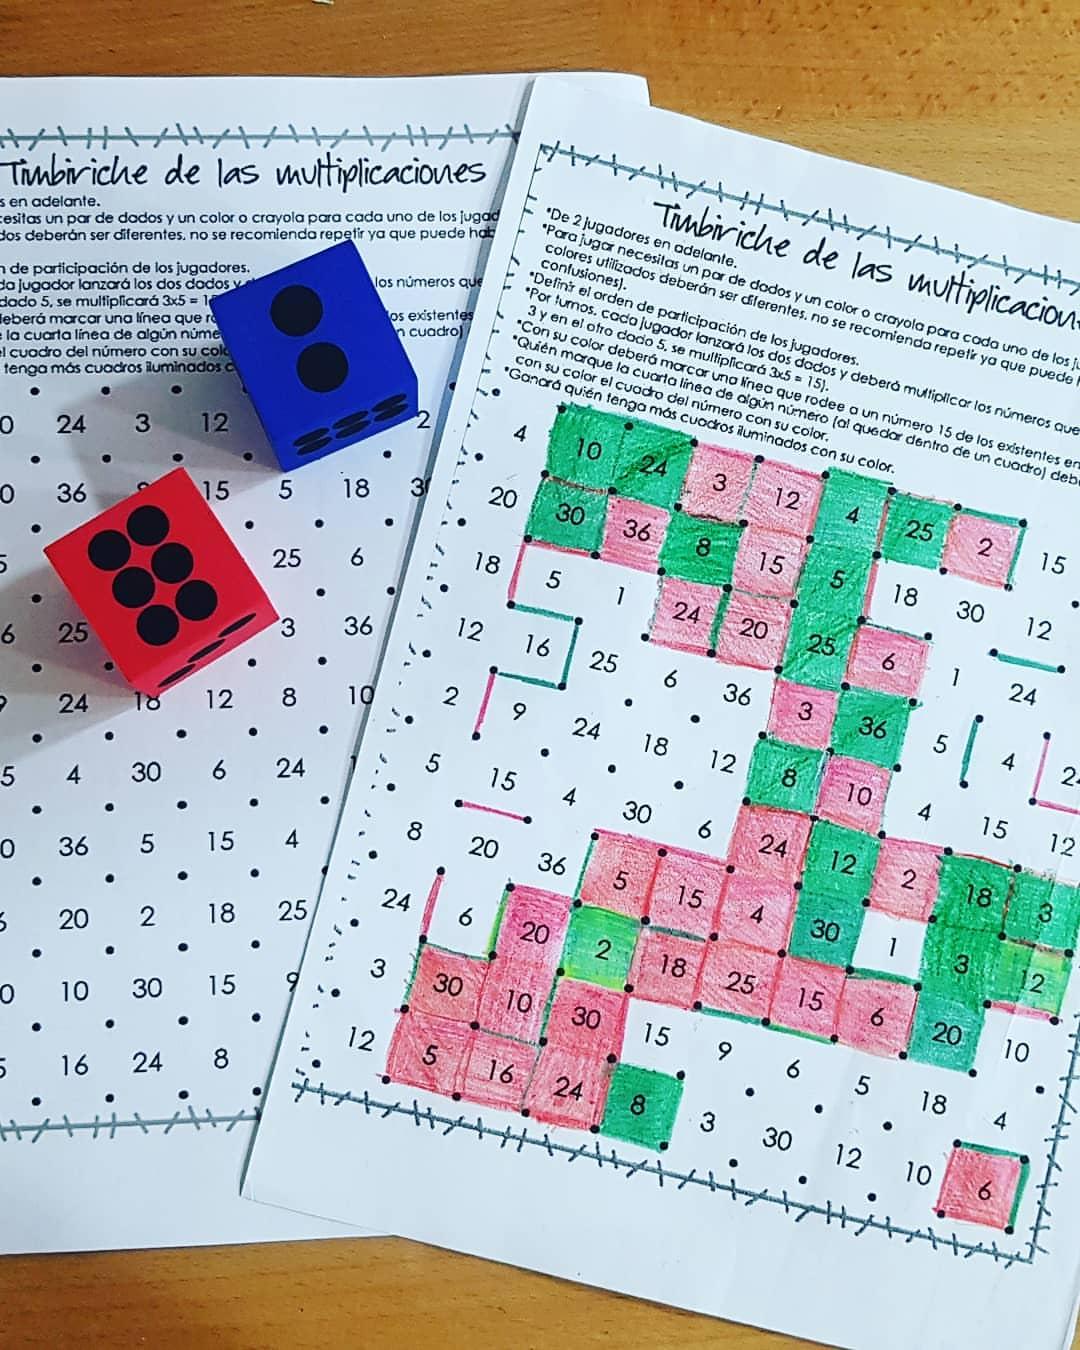 Juegos Matematicos Timbiriche De Las Multiplicaciones Orientacion Andujar